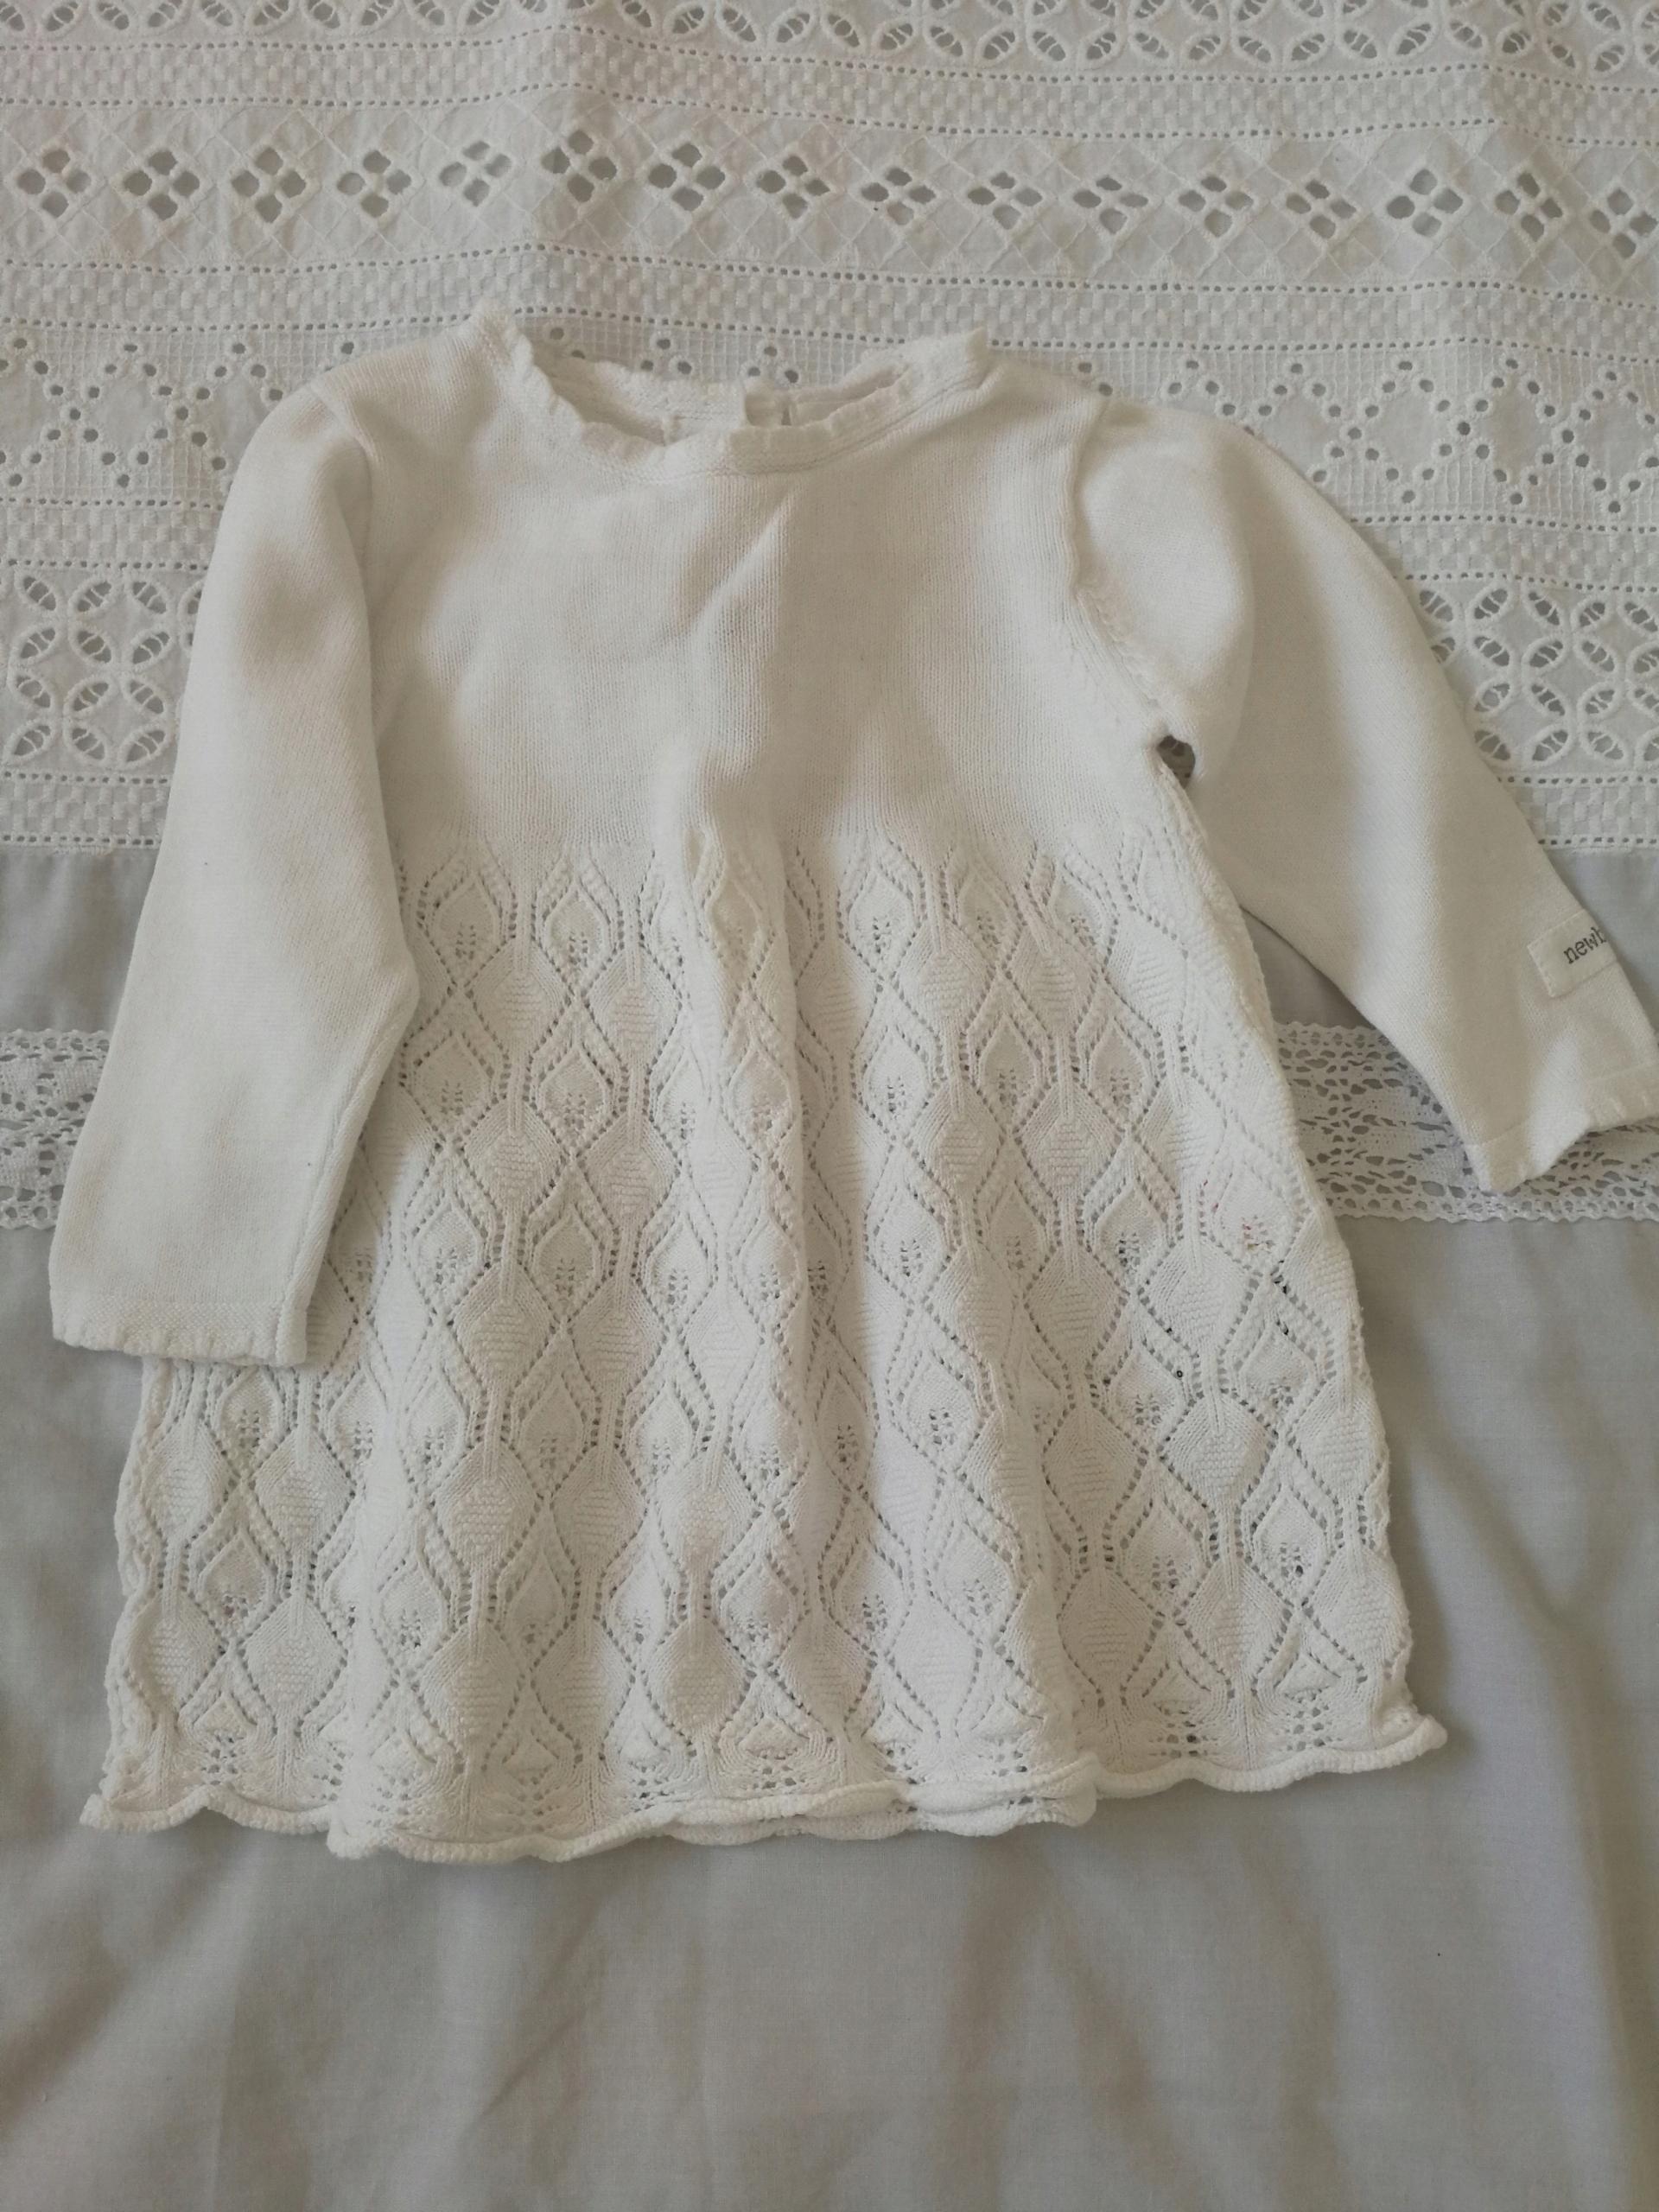 18990209b5 Biała sukienka KappAhl Newbie roz. 62 - 7605640233 - oficjalne ...